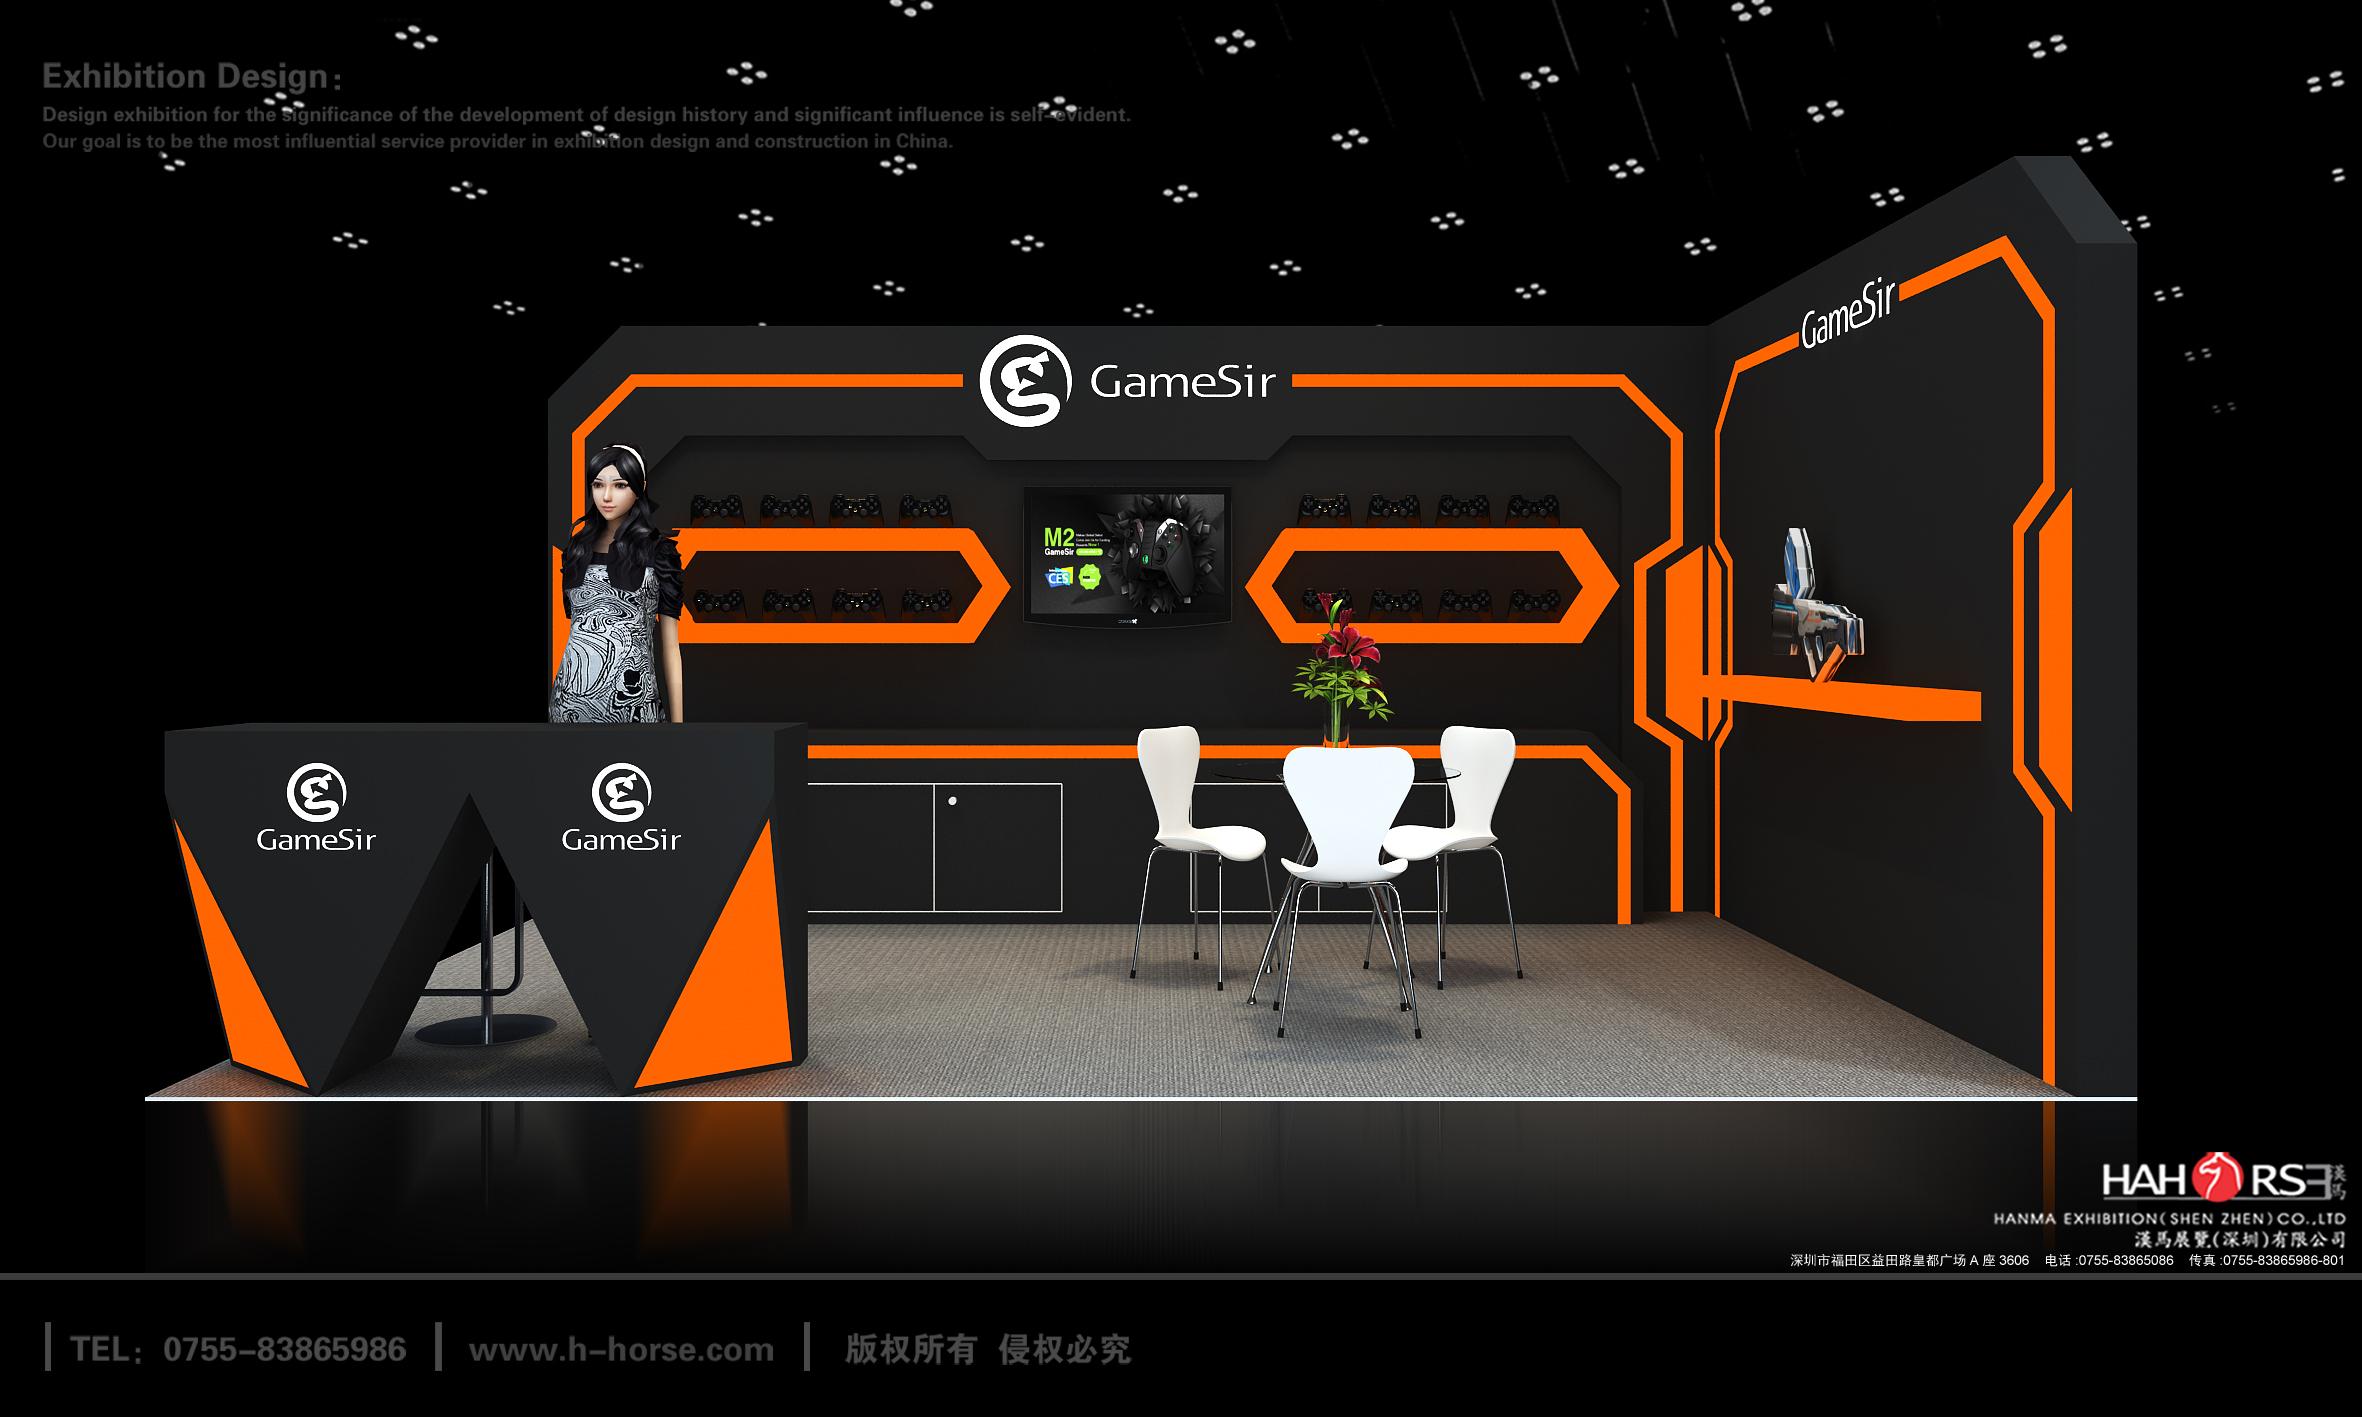 GameSir Booth at Hong Kong Electronics Fair April 13-16, 2017